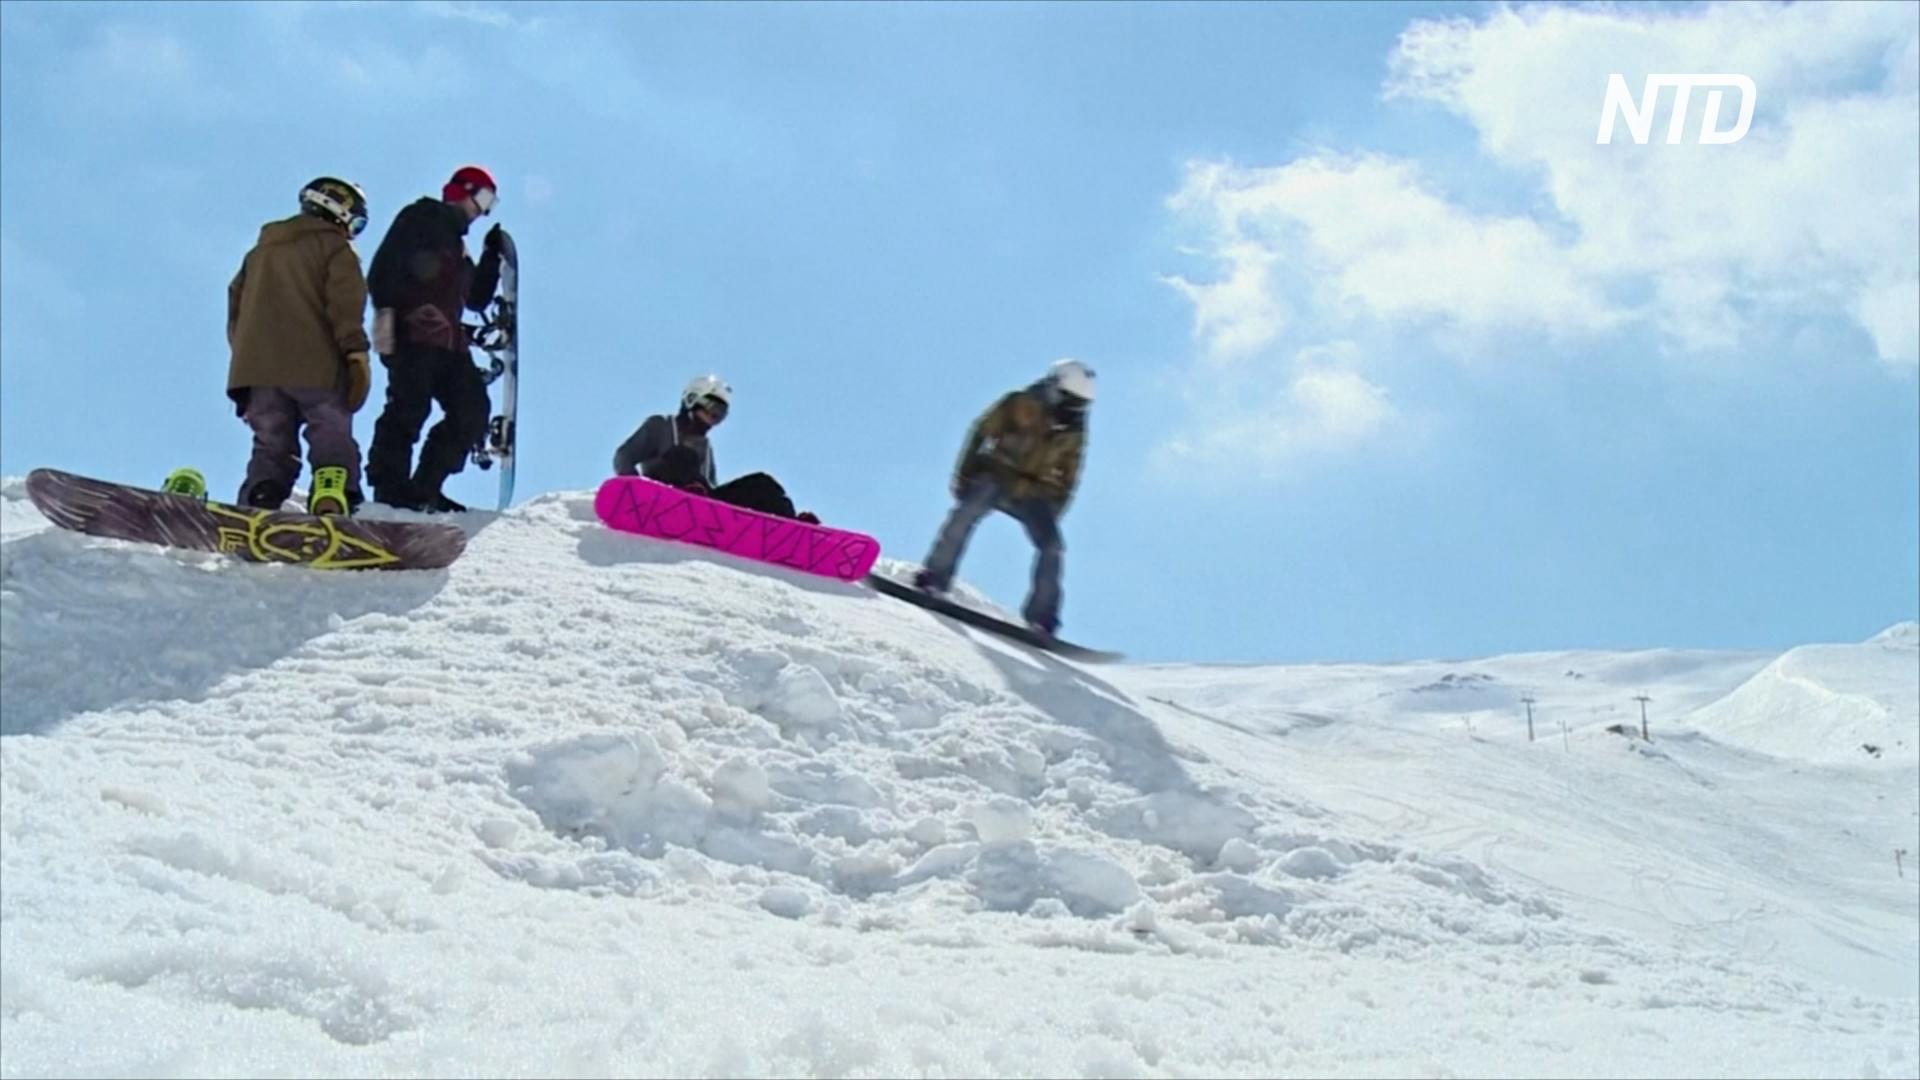 Иранцы катаются на лыжах, несмотря на экономические трудности